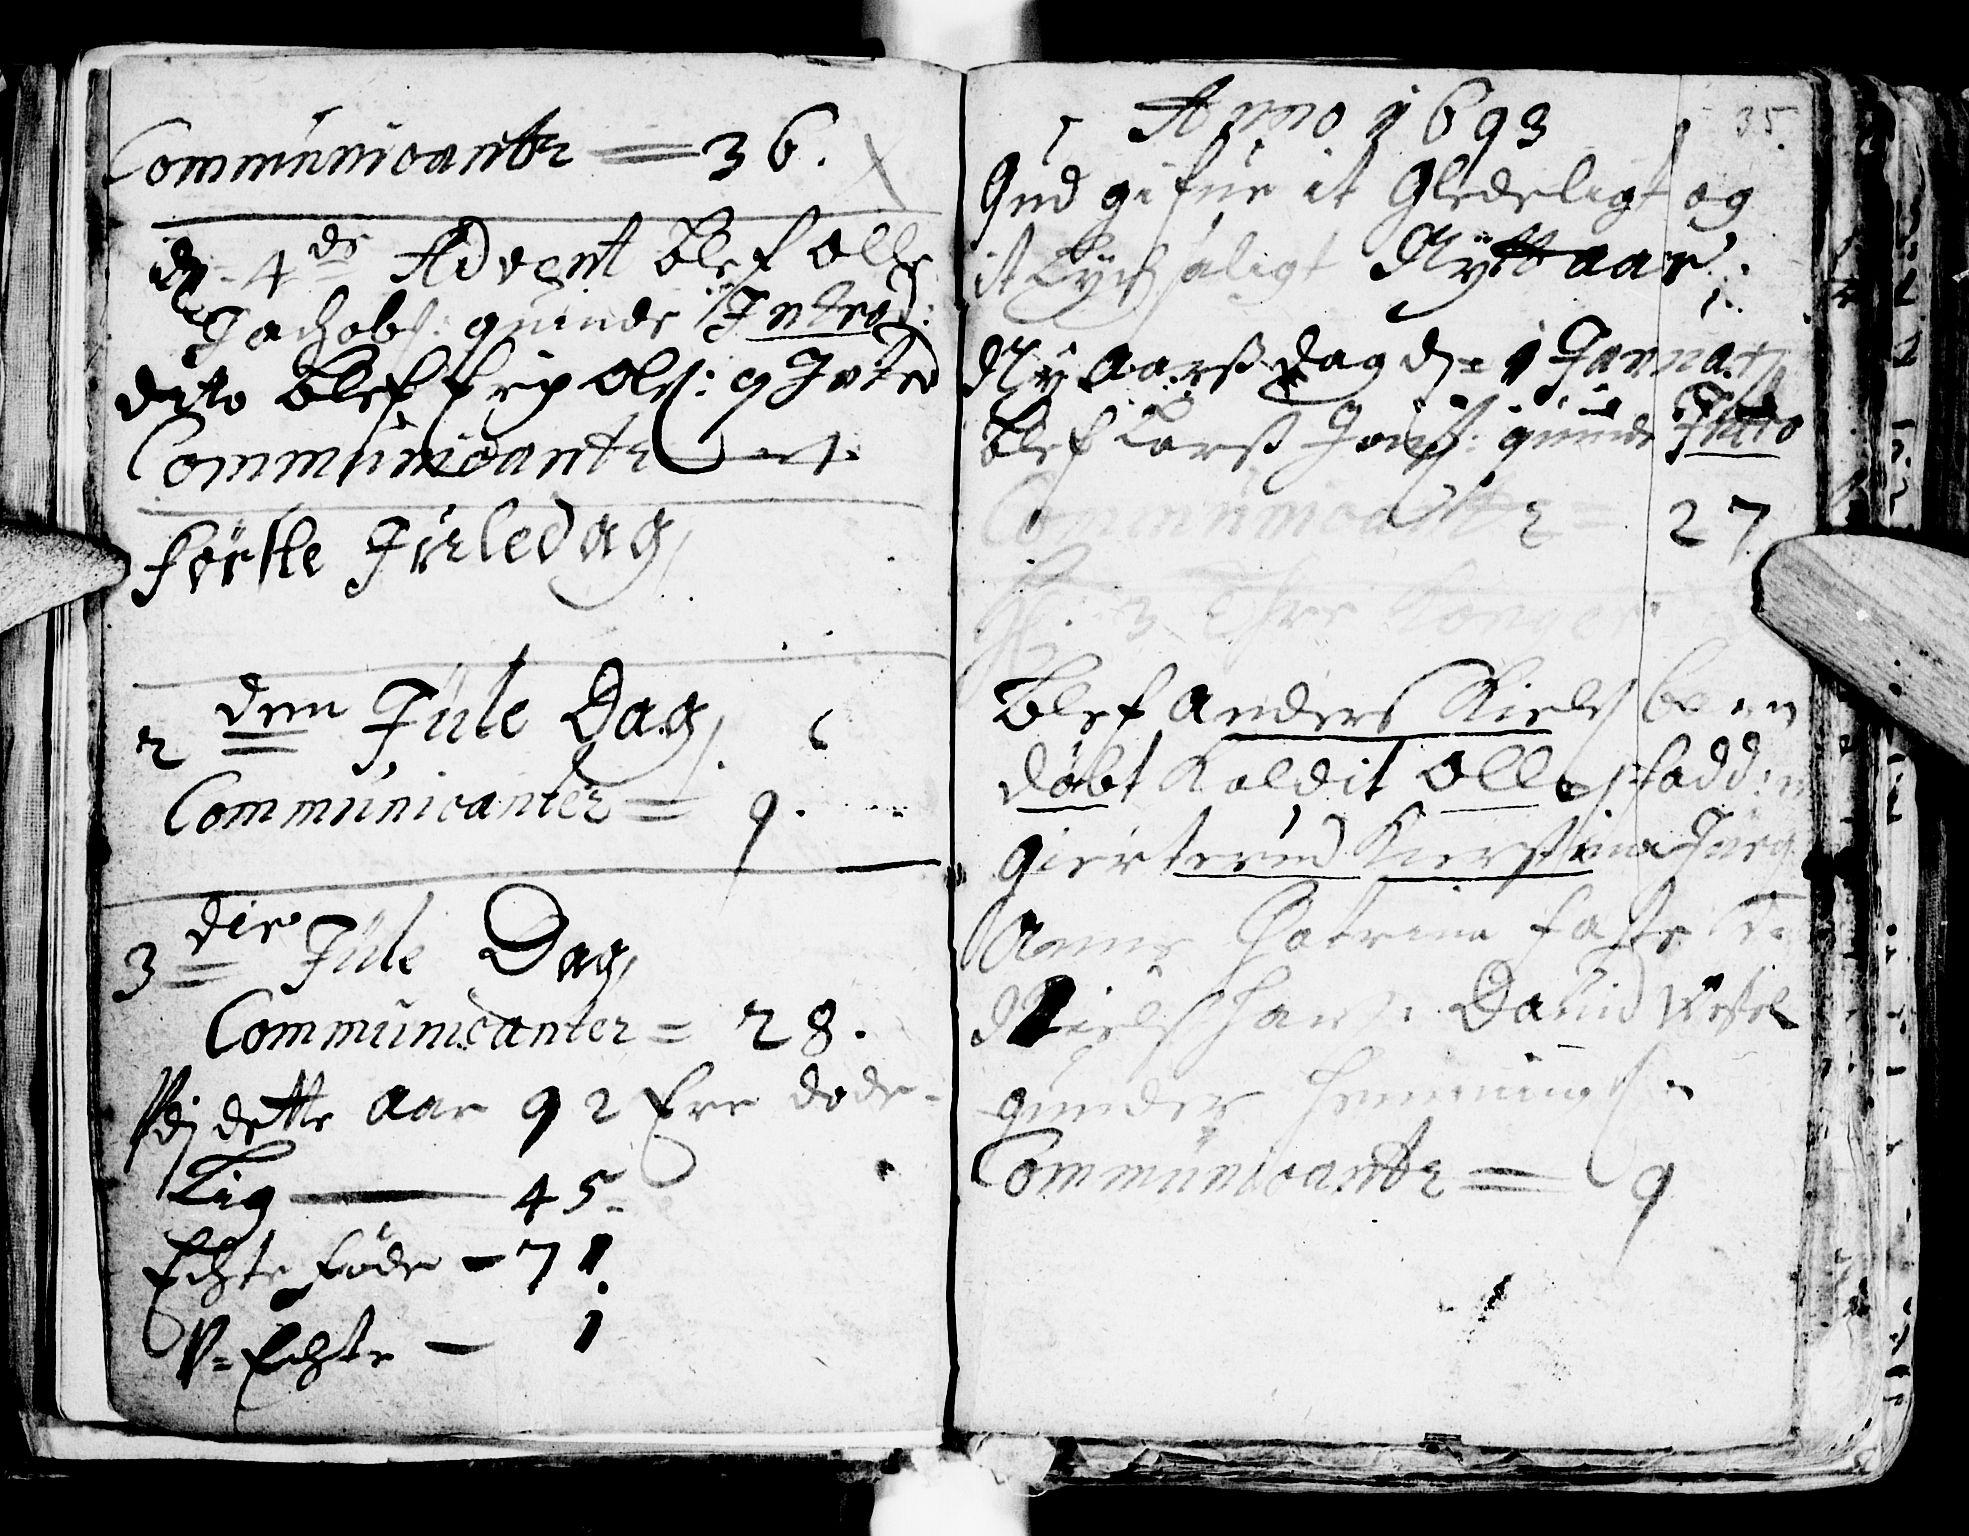 SAT, Ministerialprotokoller, klokkerbøker og fødselsregistre - Sør-Trøndelag, 681/L0923: Ministerialbok nr. 681A01, 1691-1700, s. 35